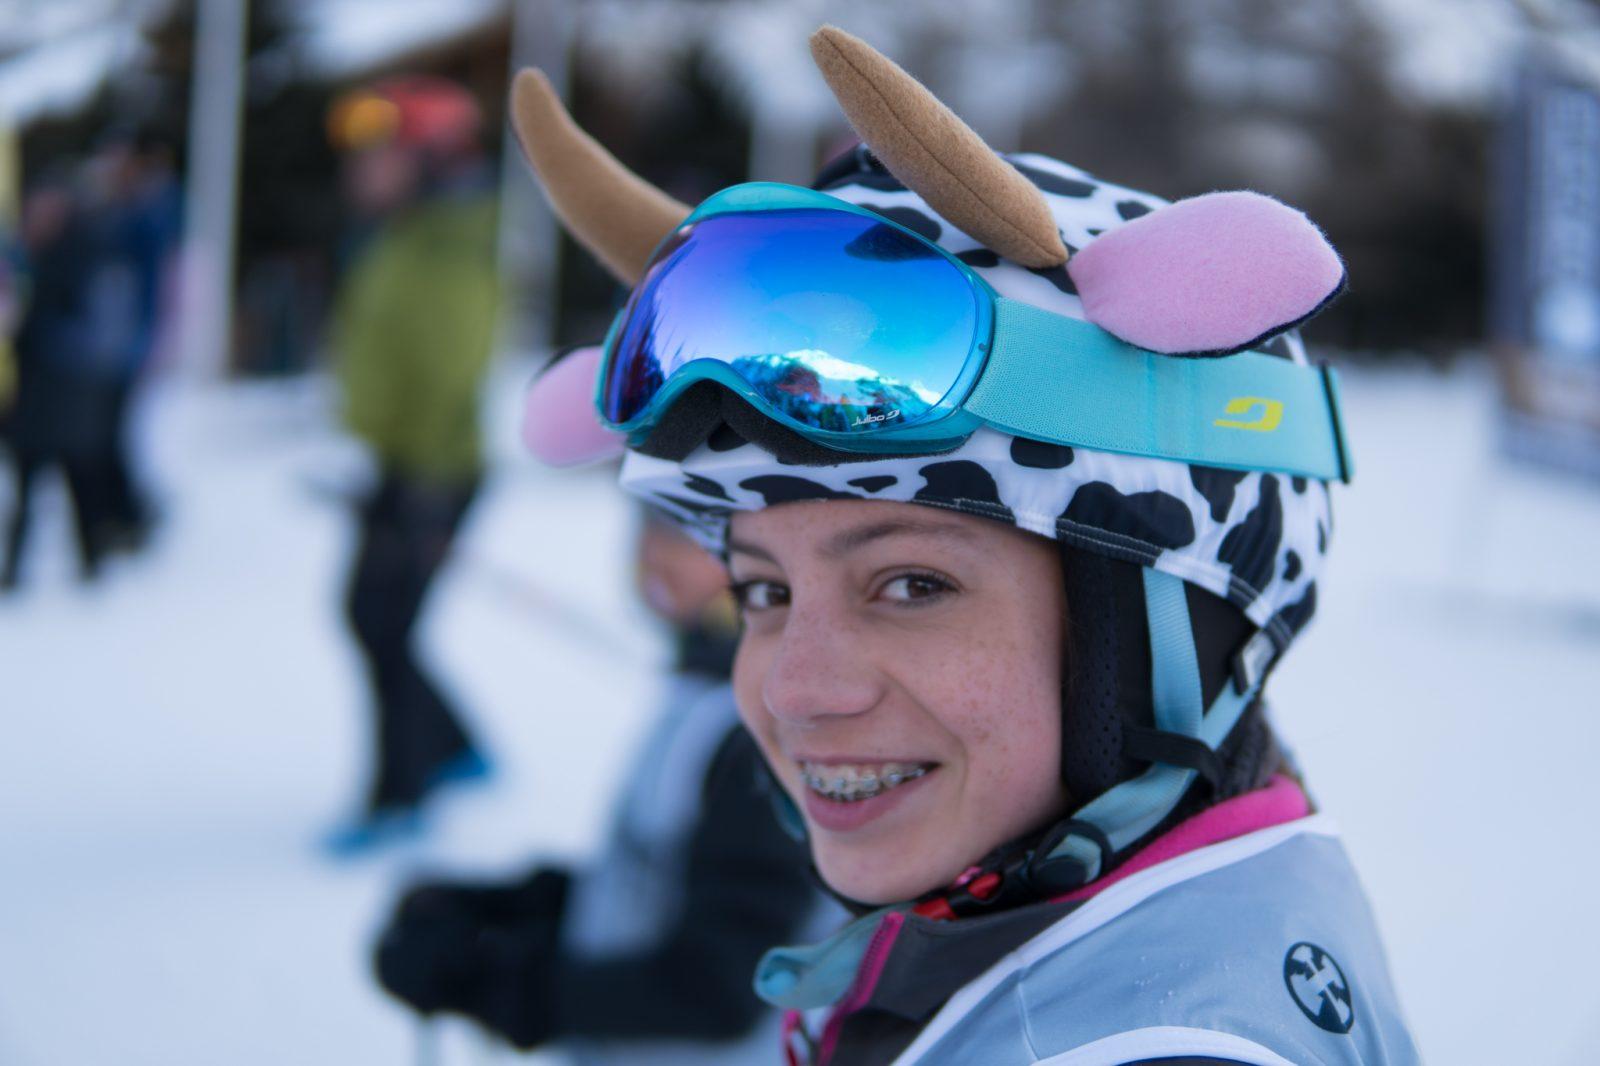 enfant en cours de ski Oxygène avec crazy hat